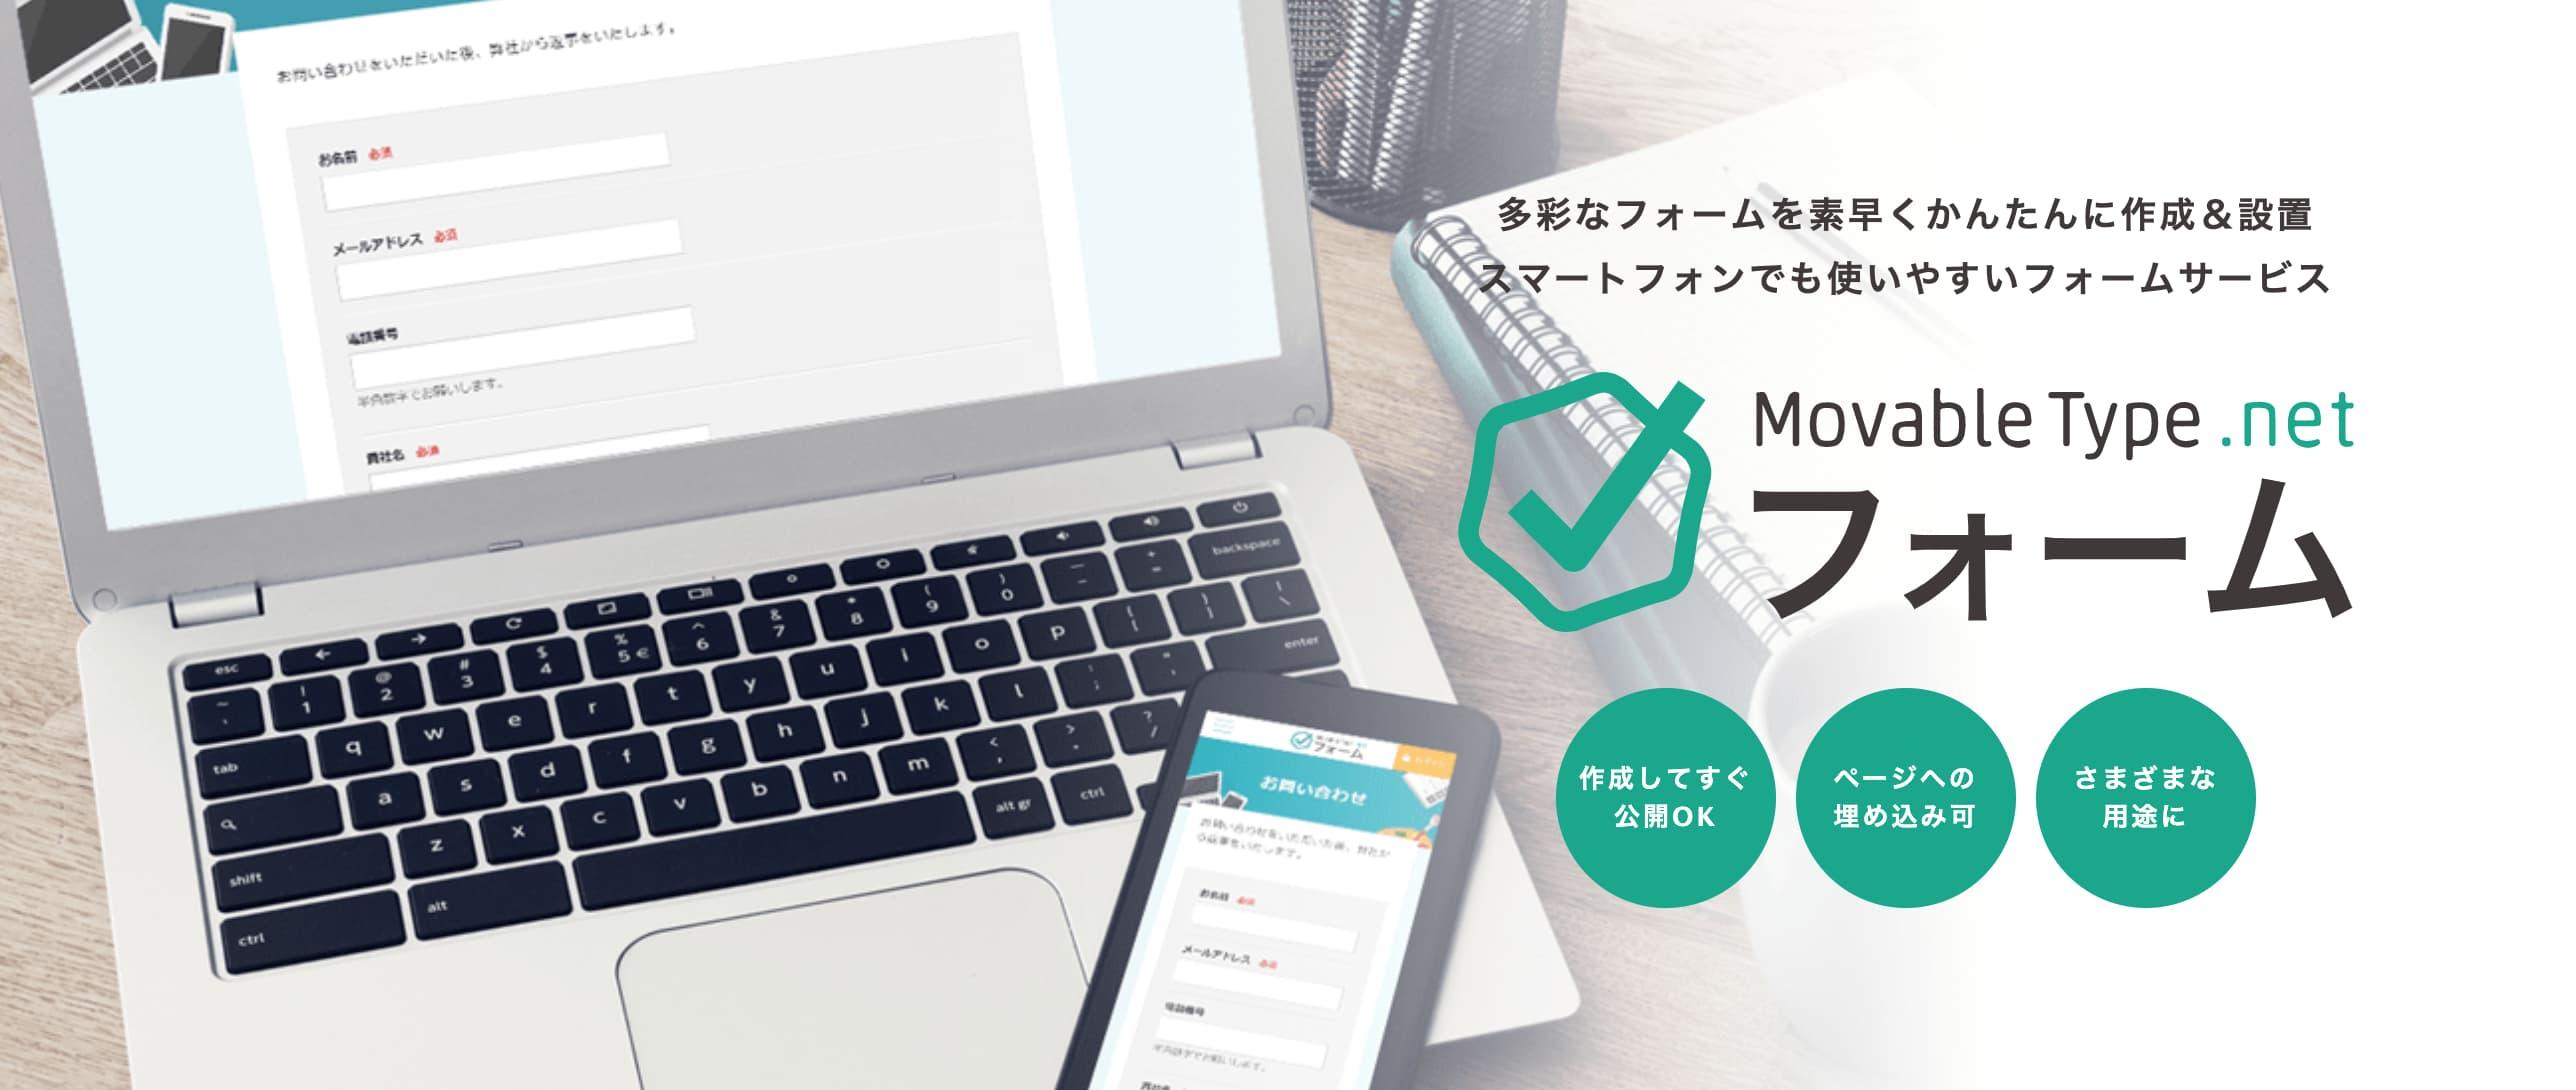 MovableType.net フォームイメージ画像